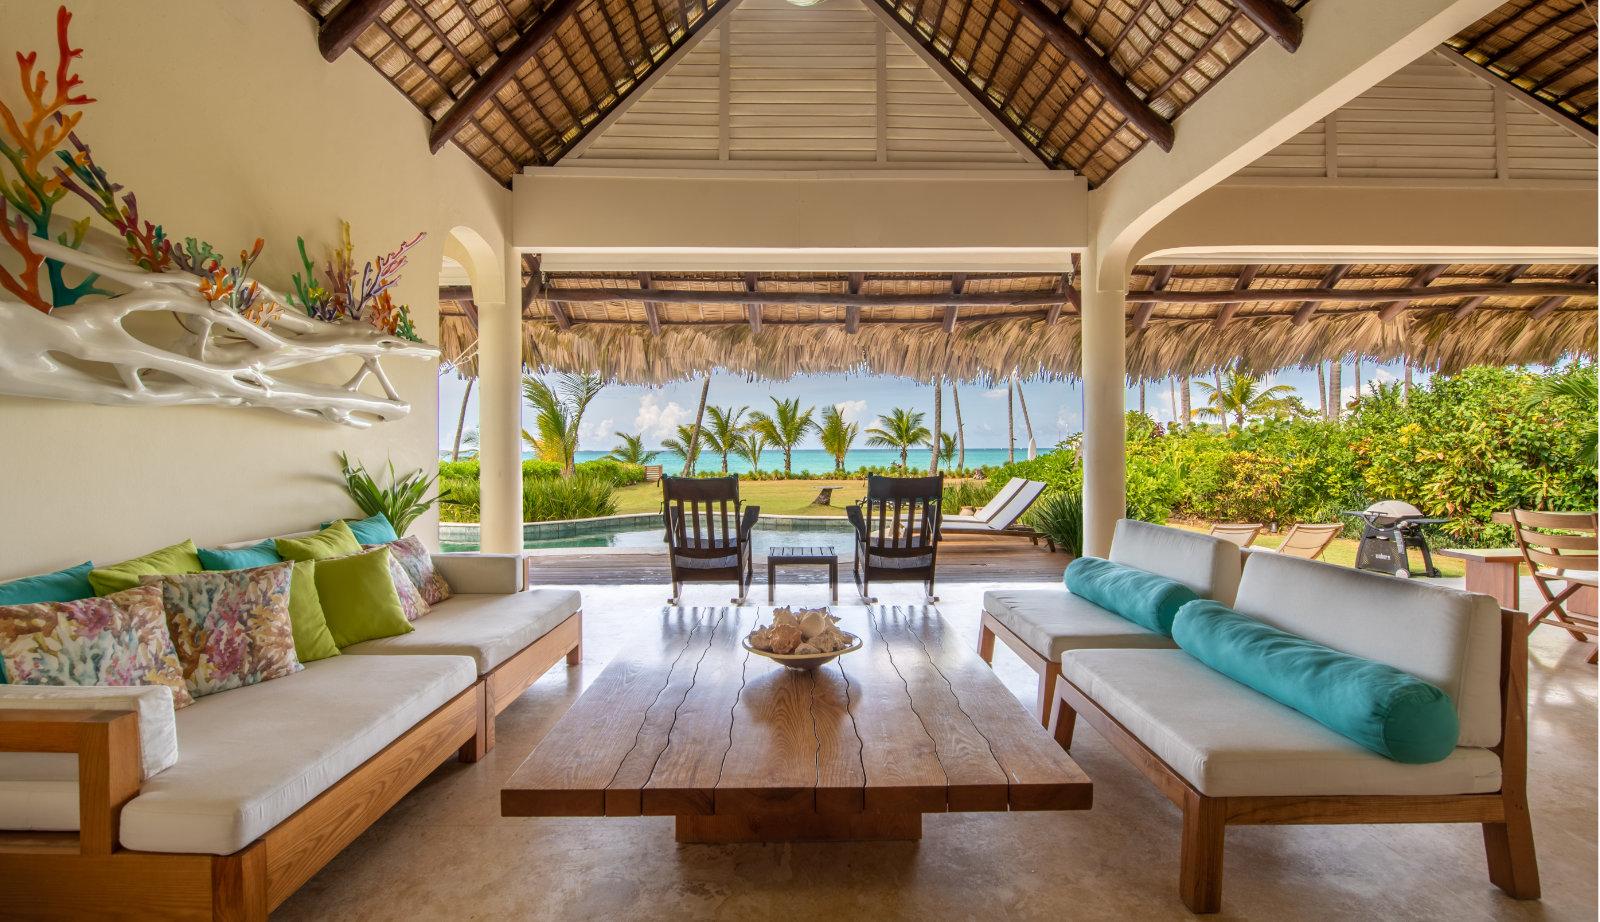 Location villa de luxe sur la plage las terrenas - Villa kimball luxe republique dominicaine ...